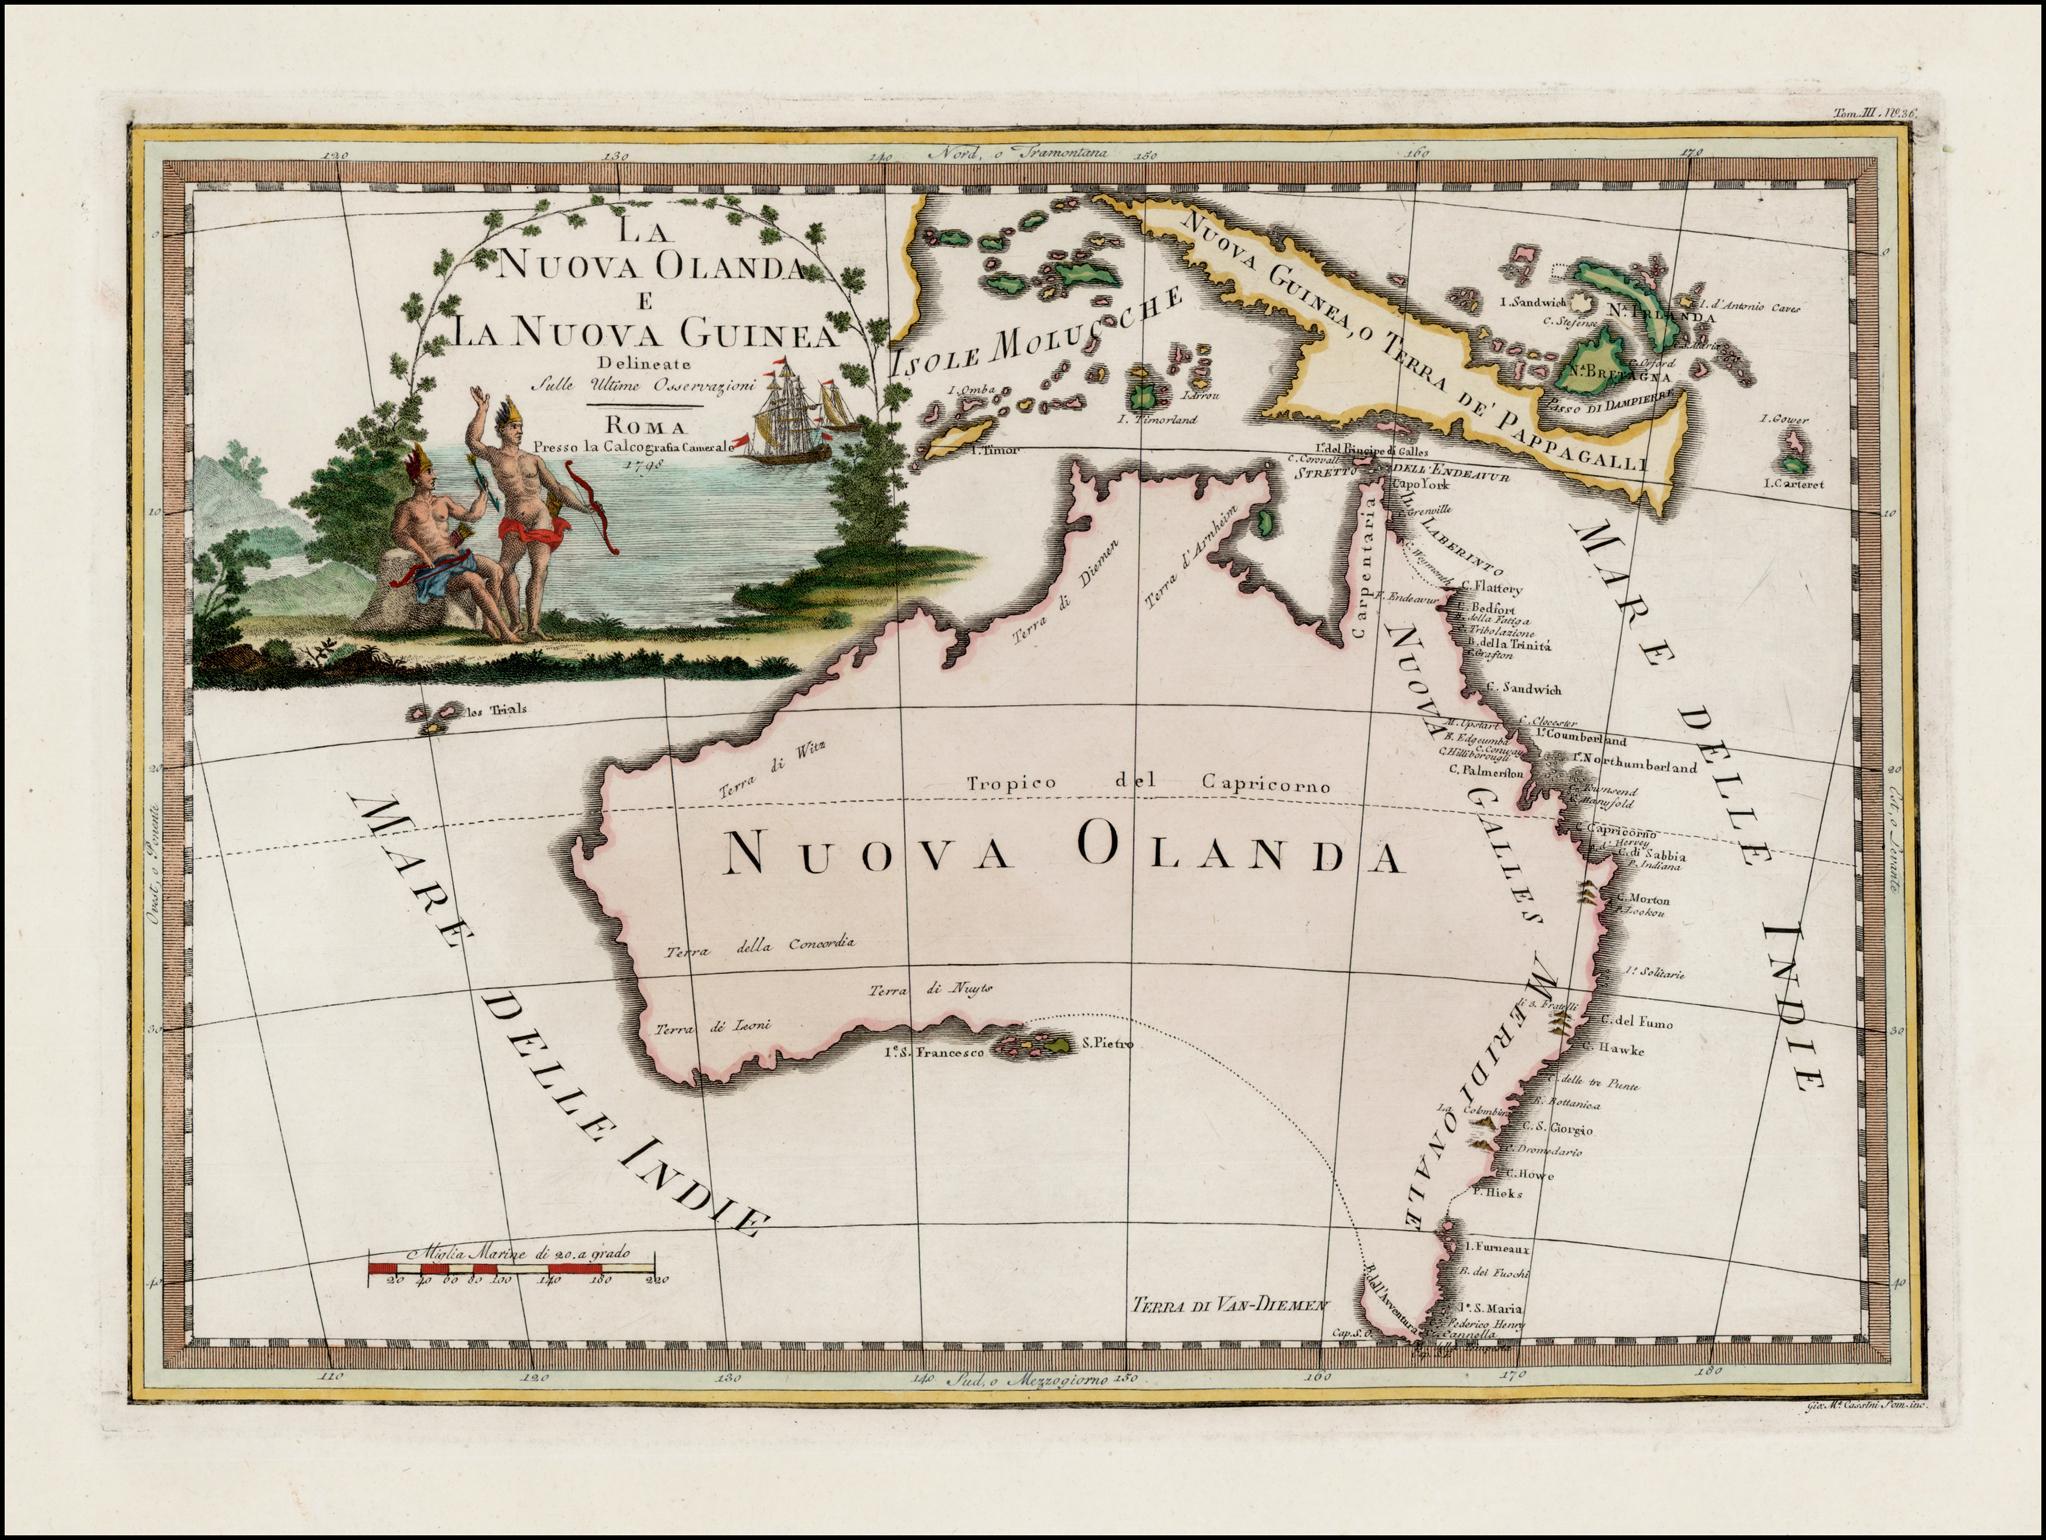 Старинная карта Австралии работы Кассини, сделанная в 1798 году